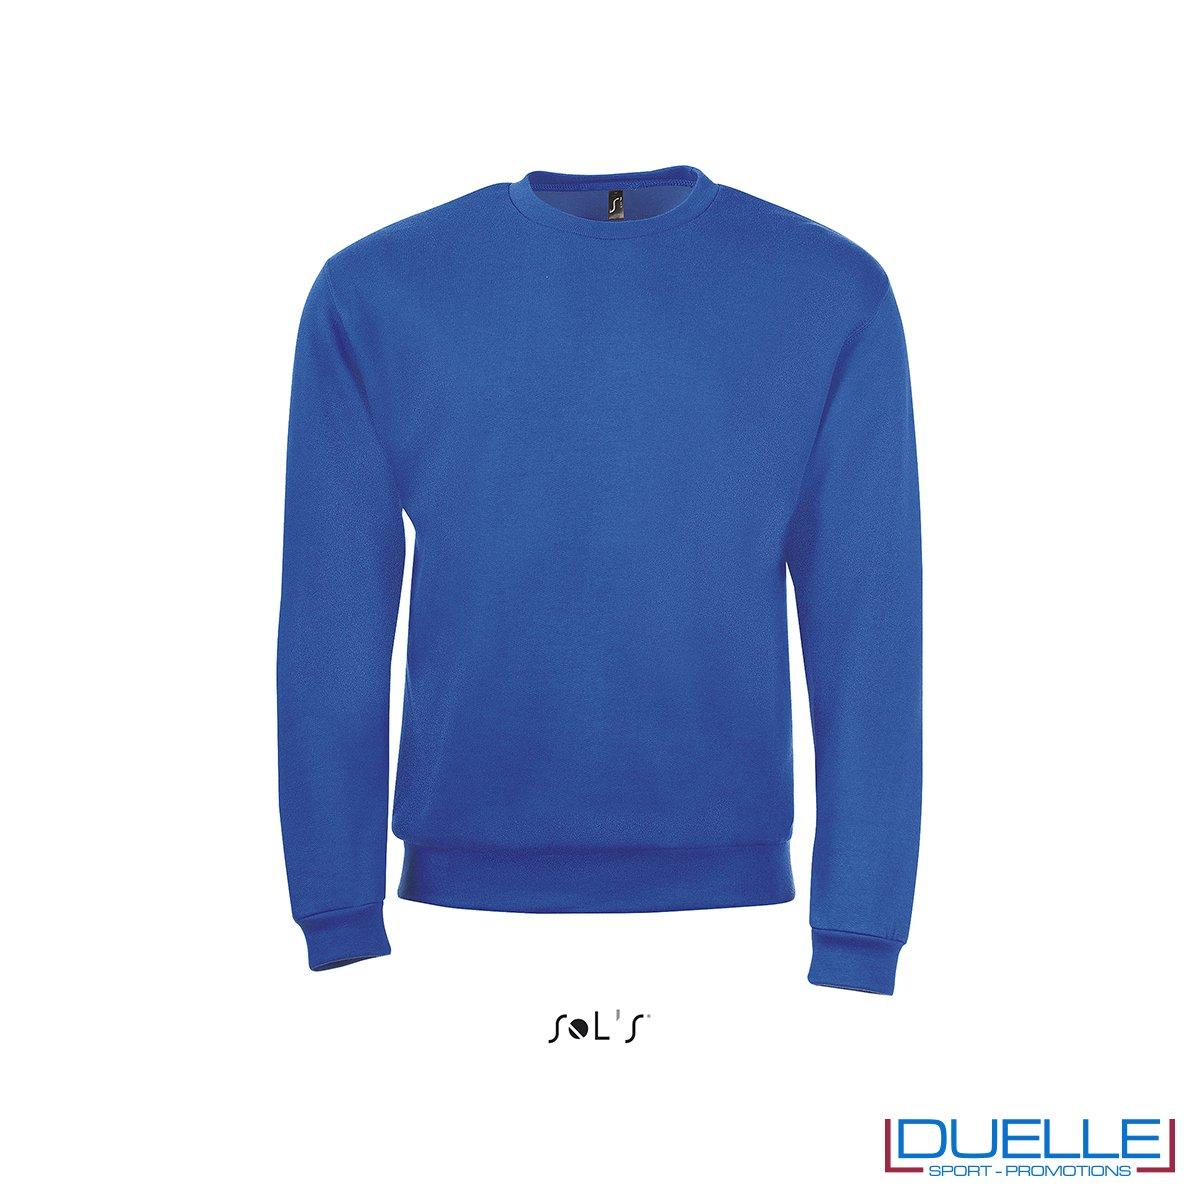 felpa personalizzata con girocollo in colore blu royal, felpe personalizzate, abbigliamento promozionale personalizzato